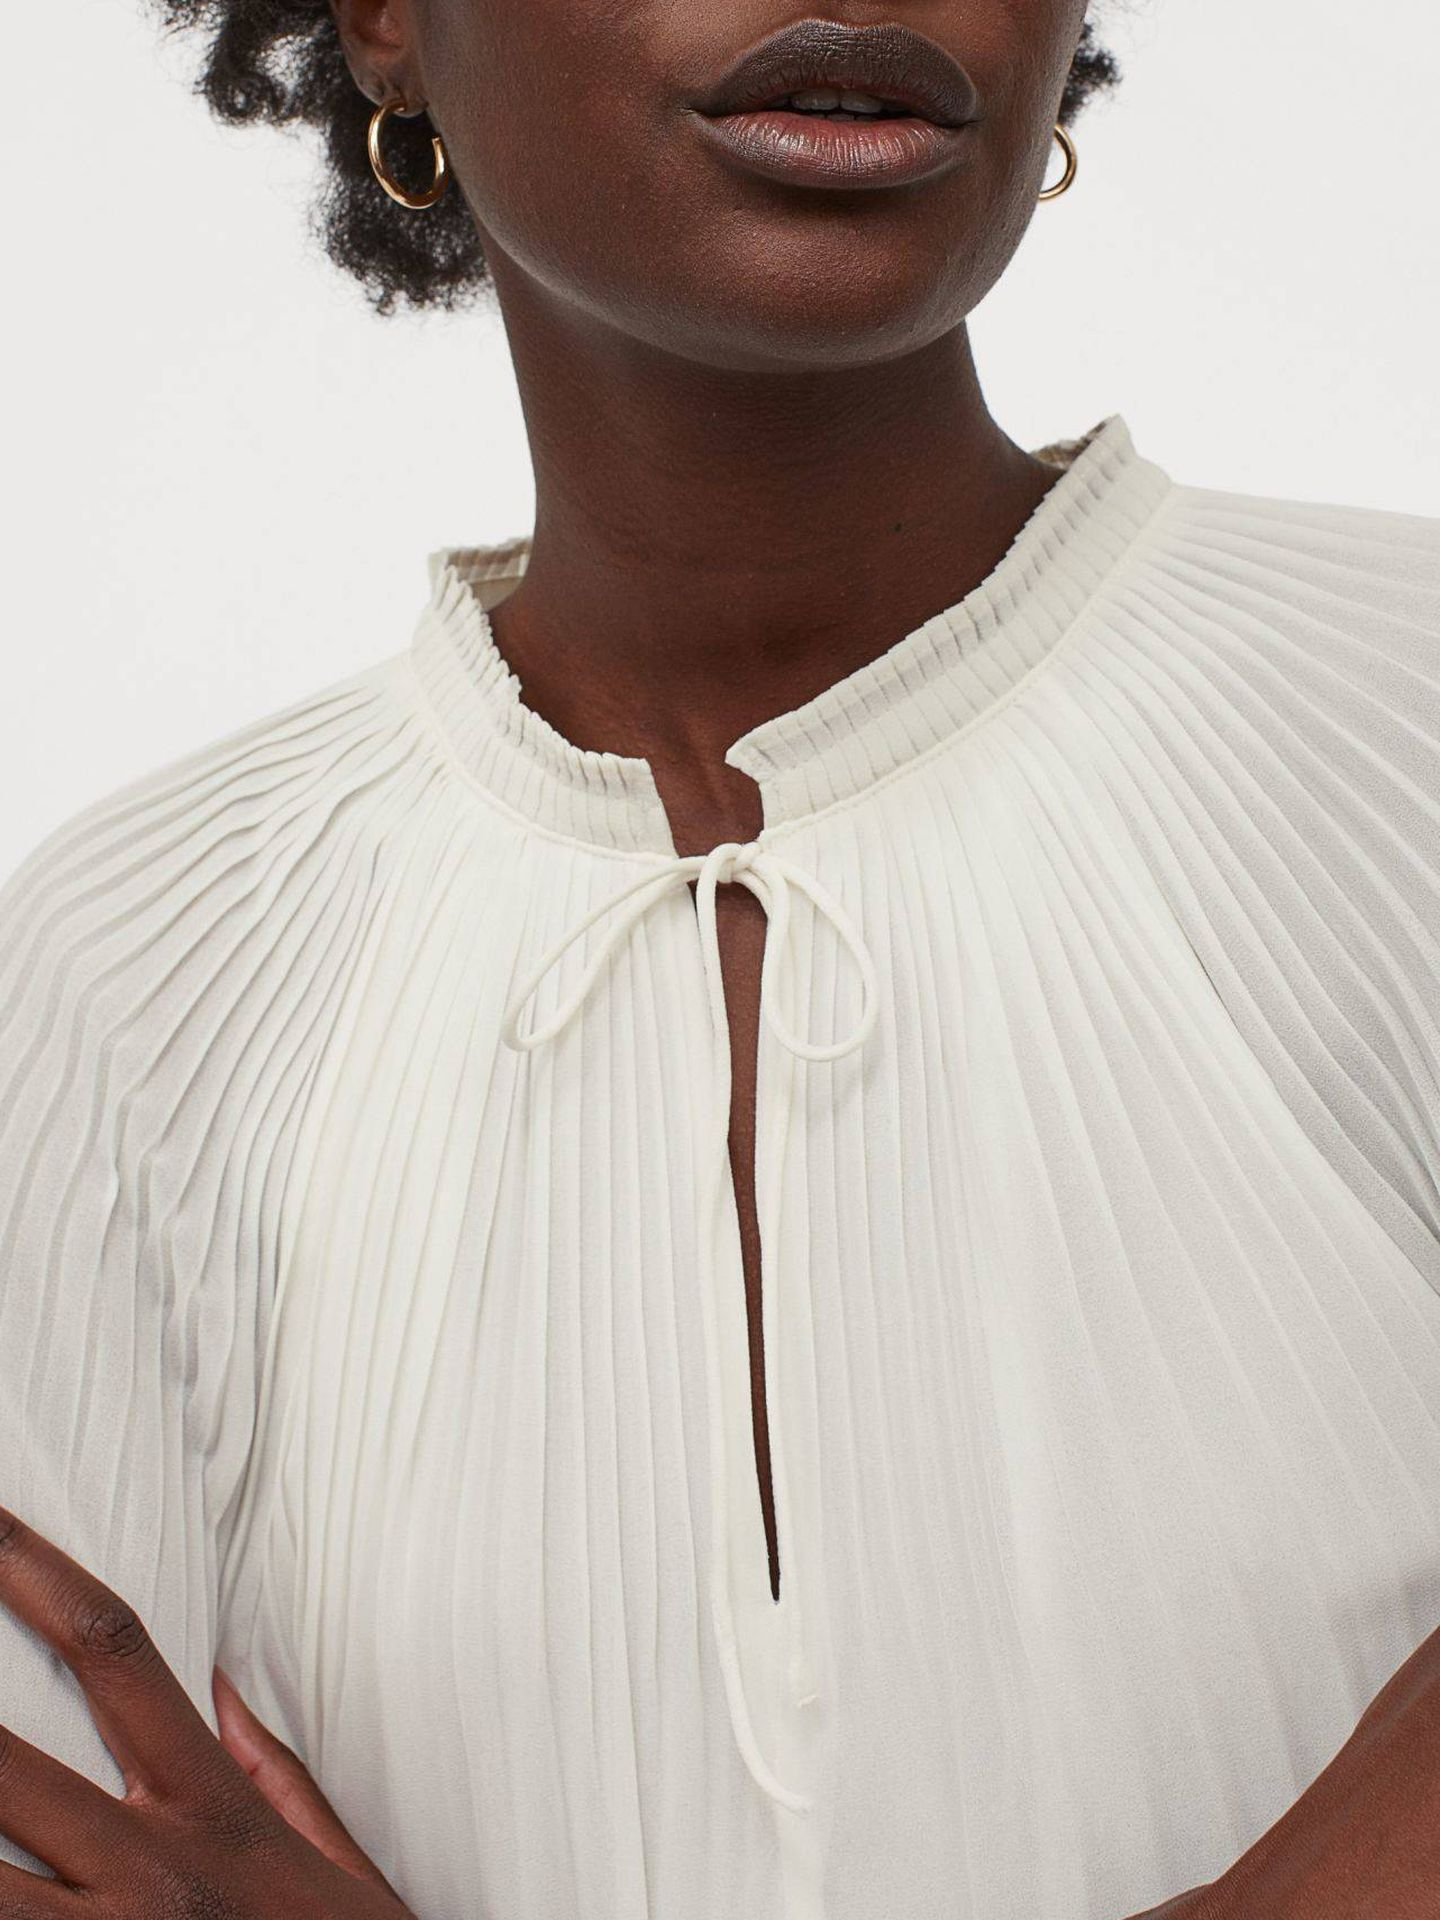 Blusa de gasa plisada y elegante de HyM. (Cortesía)